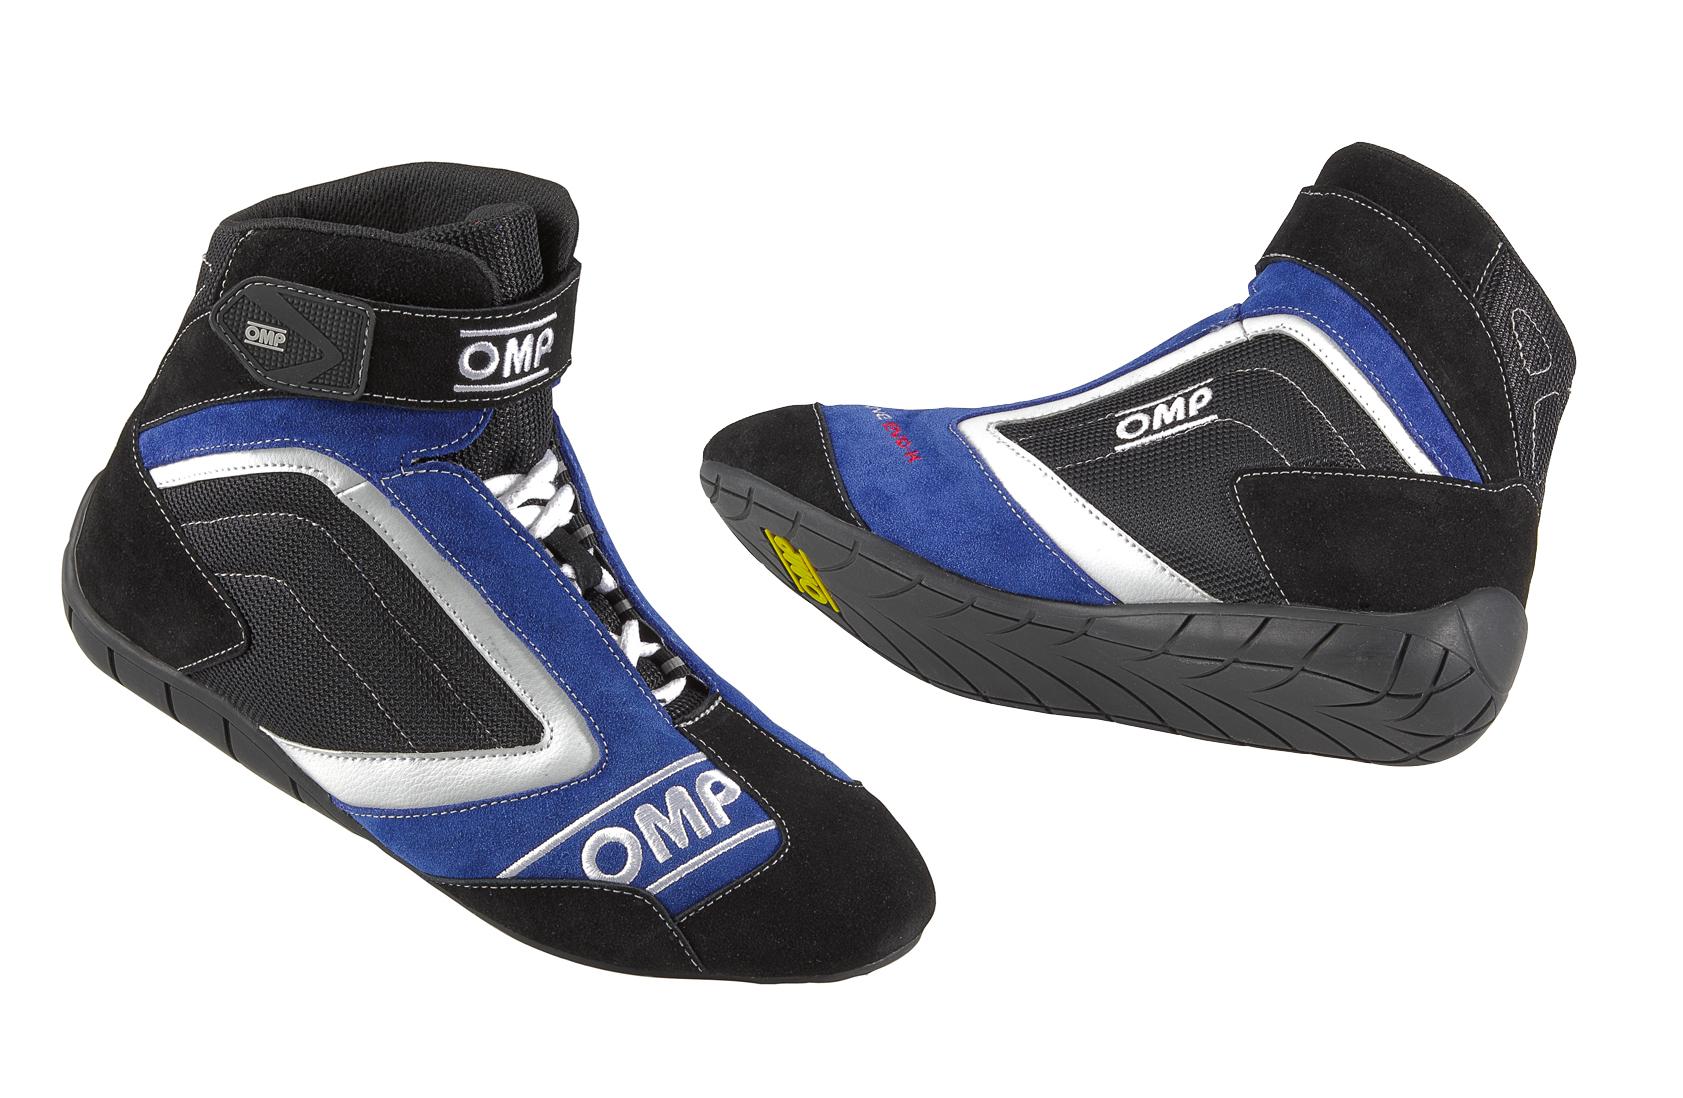 Ic 795 Omp One Evo K Karting Boots Euro 47 Uk 12 Blue